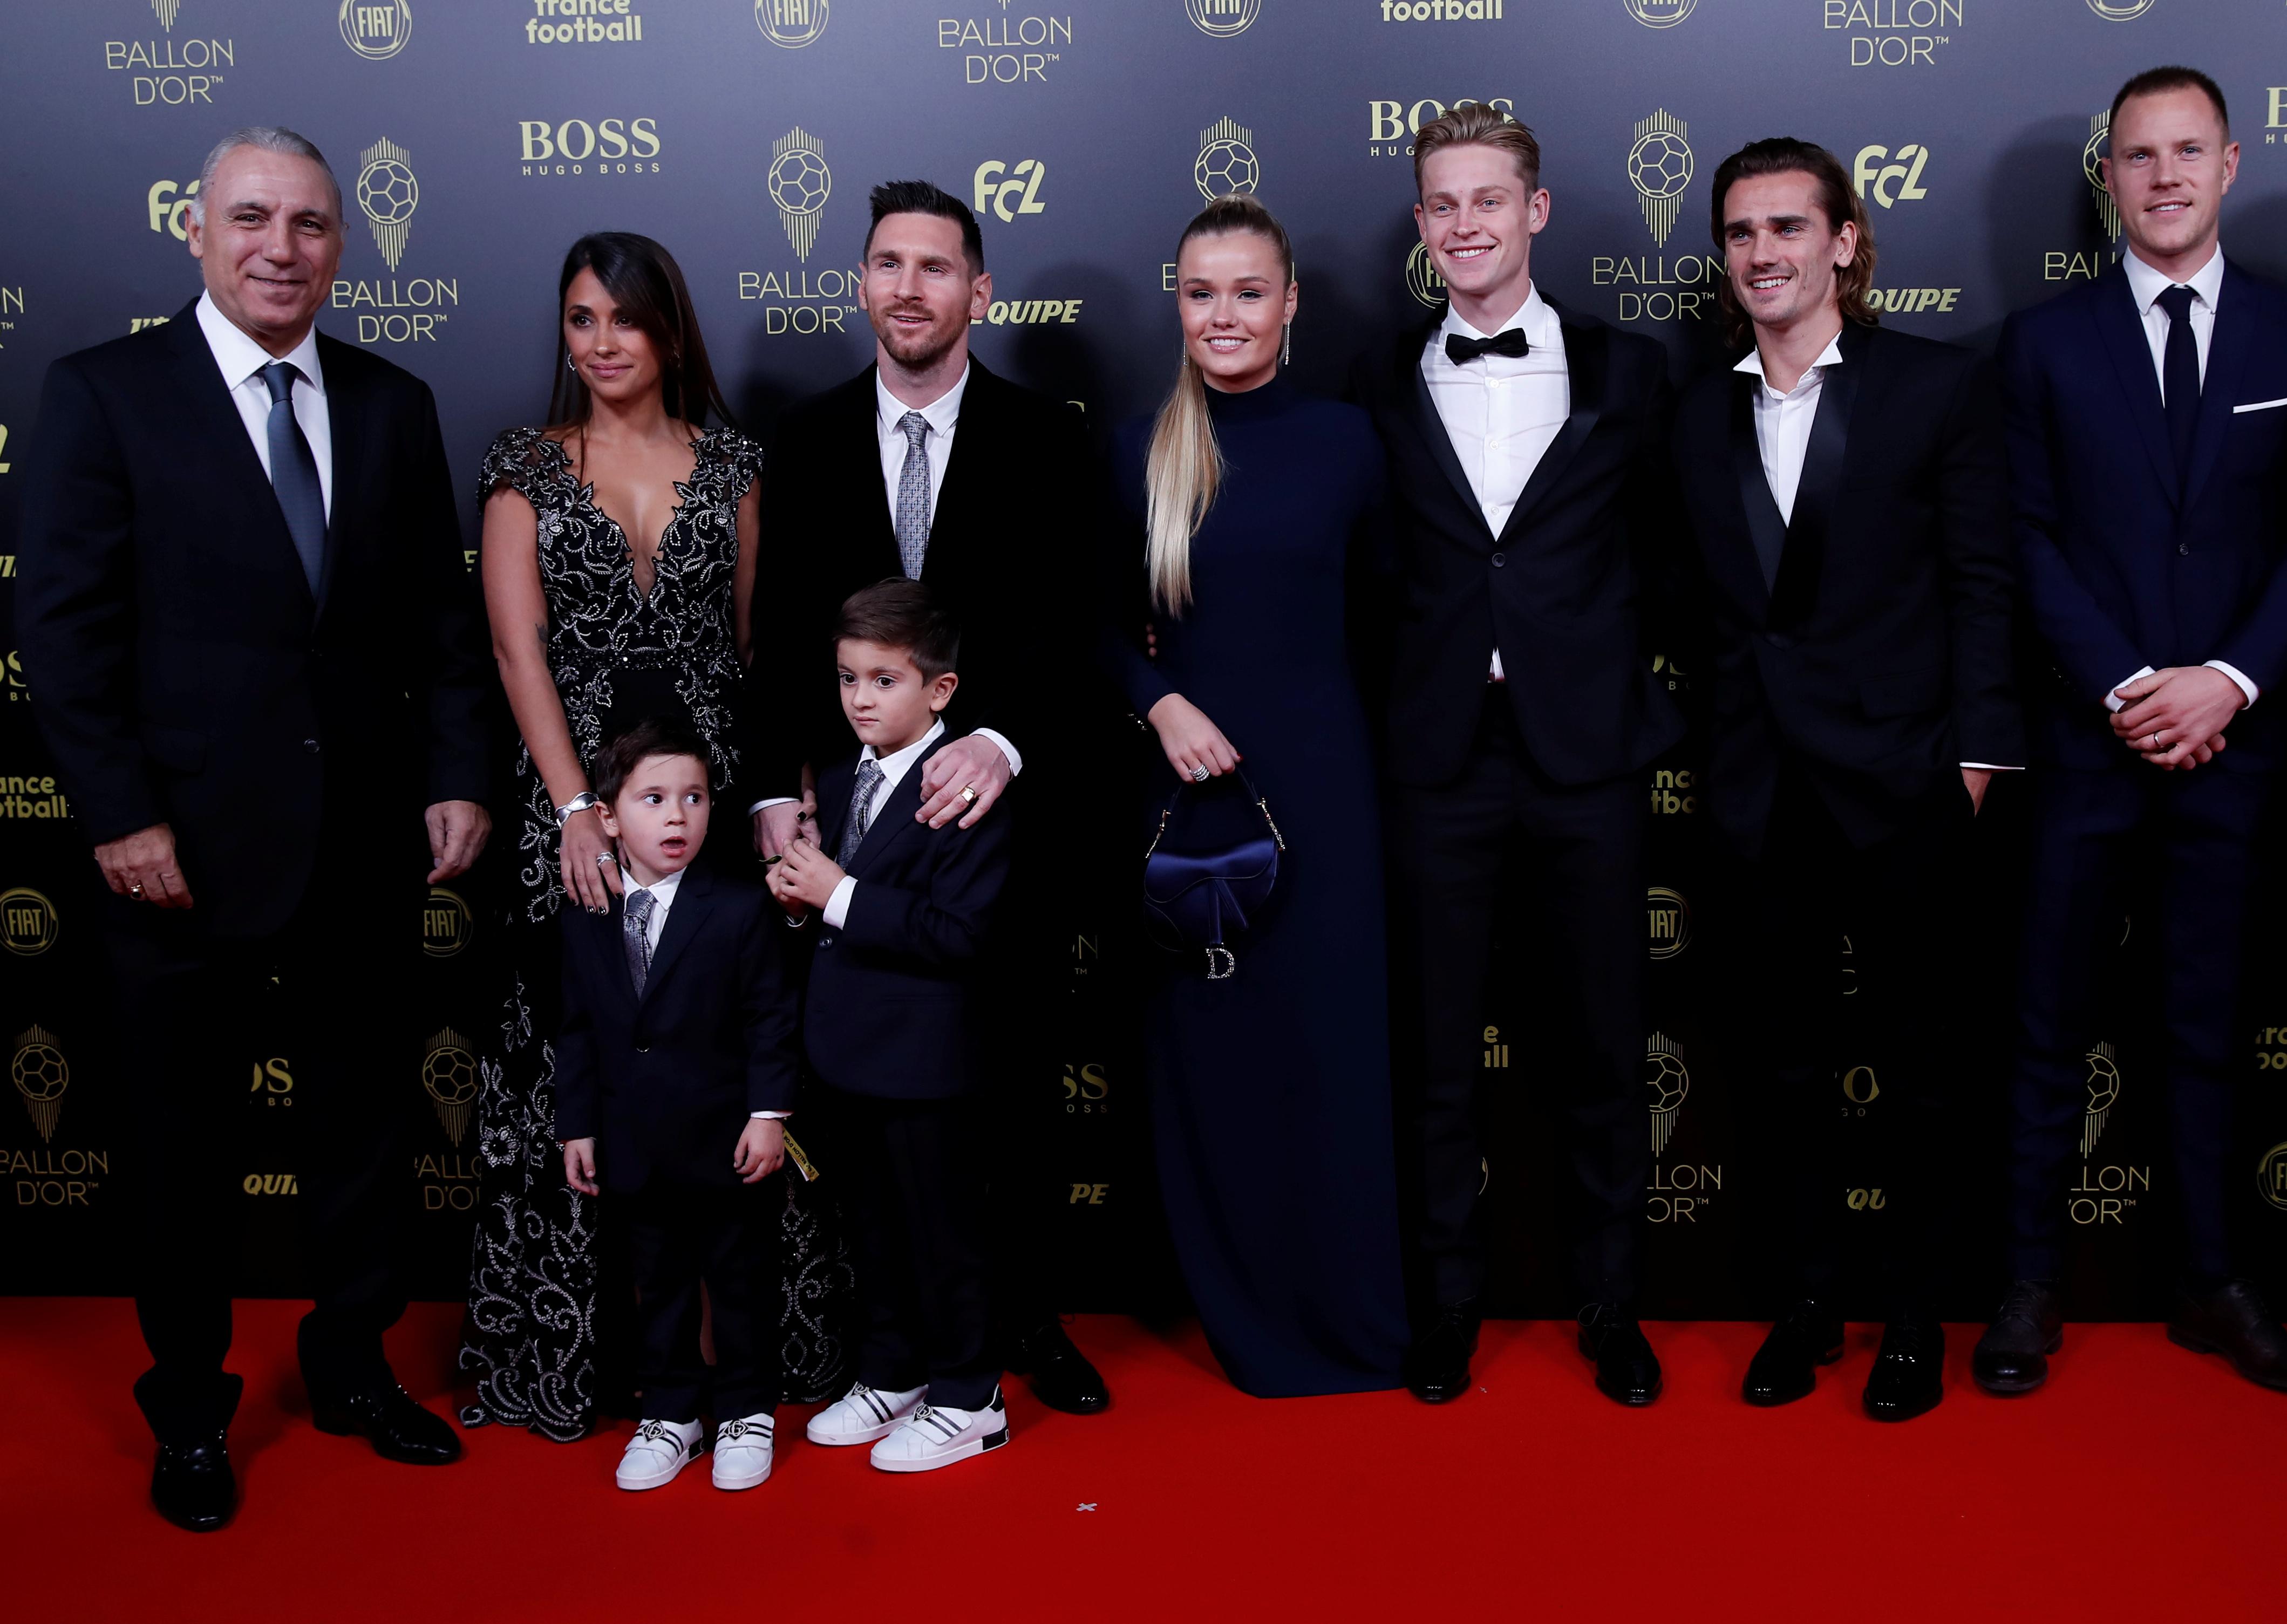 El ex futbolista Hristo Stoichkov junto a Lionel Messi y su familia y los futbolistas del Barcelona Frenkie de Jong, Antoine Griezmann y Marc-Andre ter Stegen, nominados al Balón de Oro